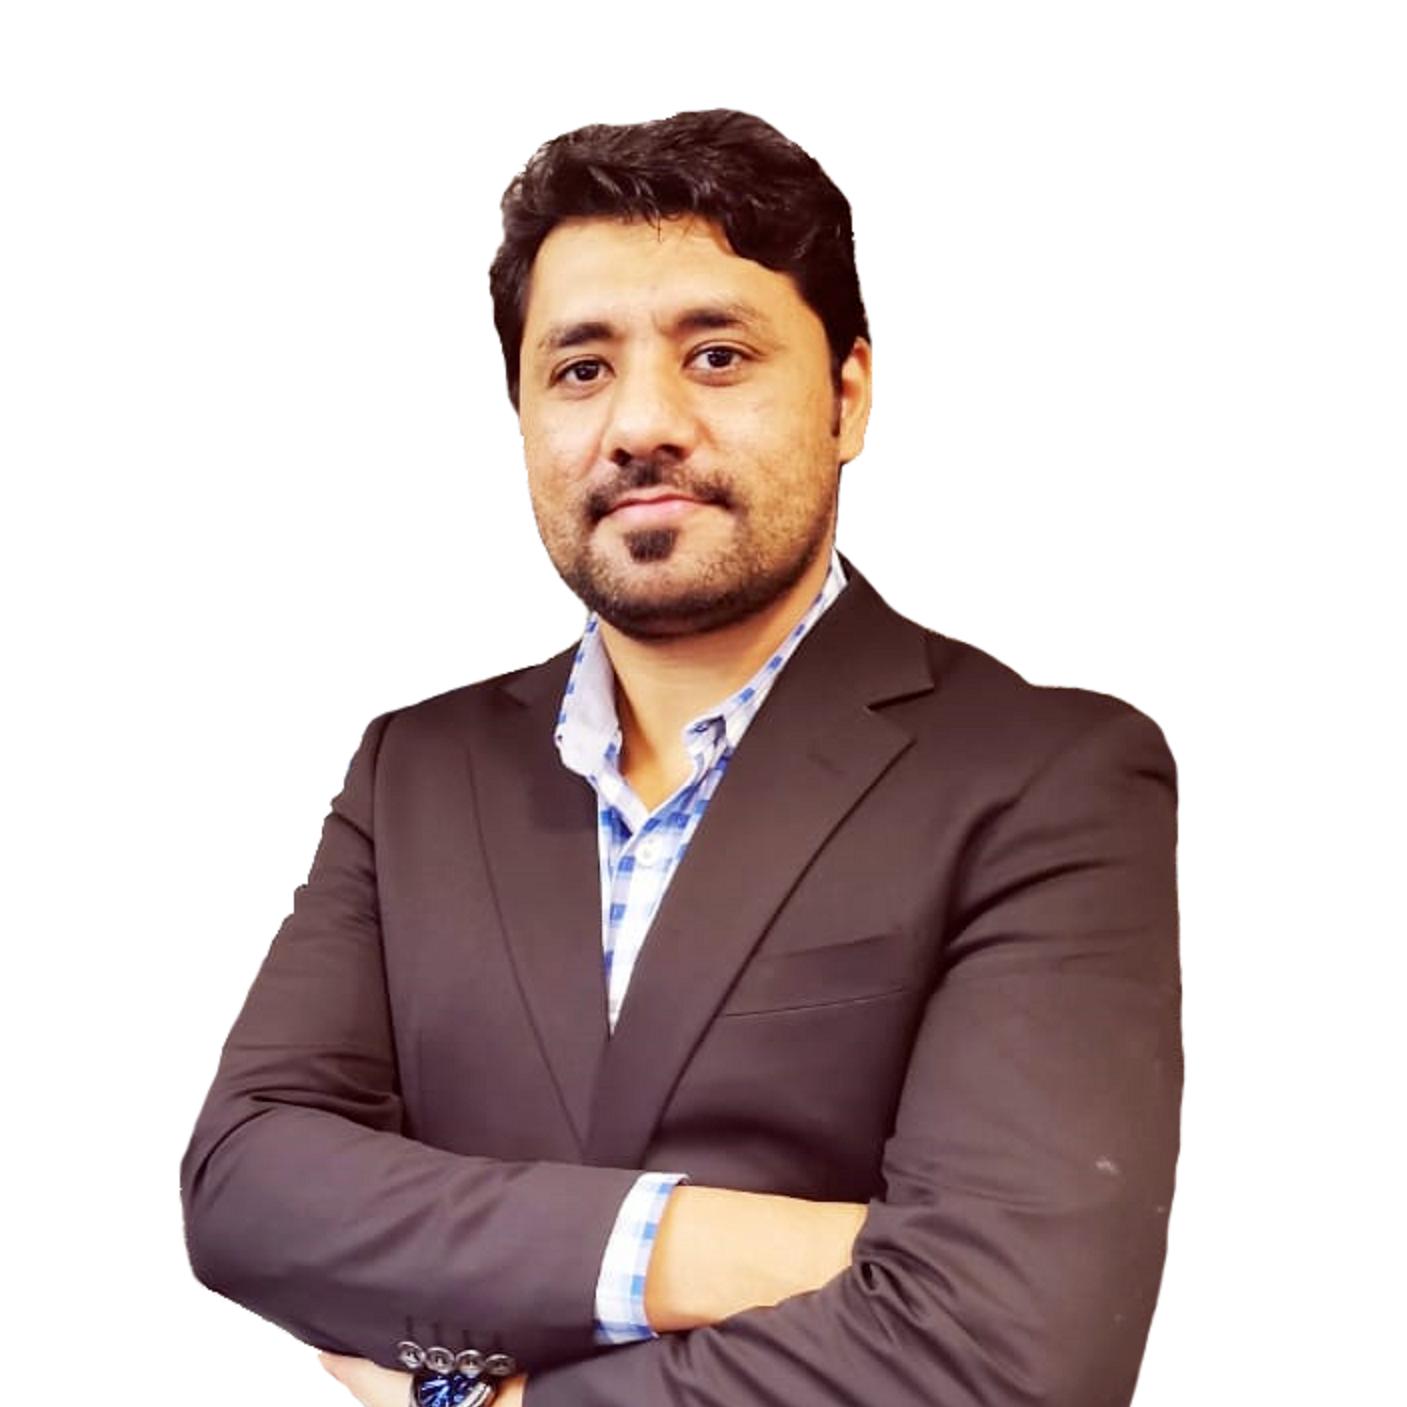 Ammar Shah